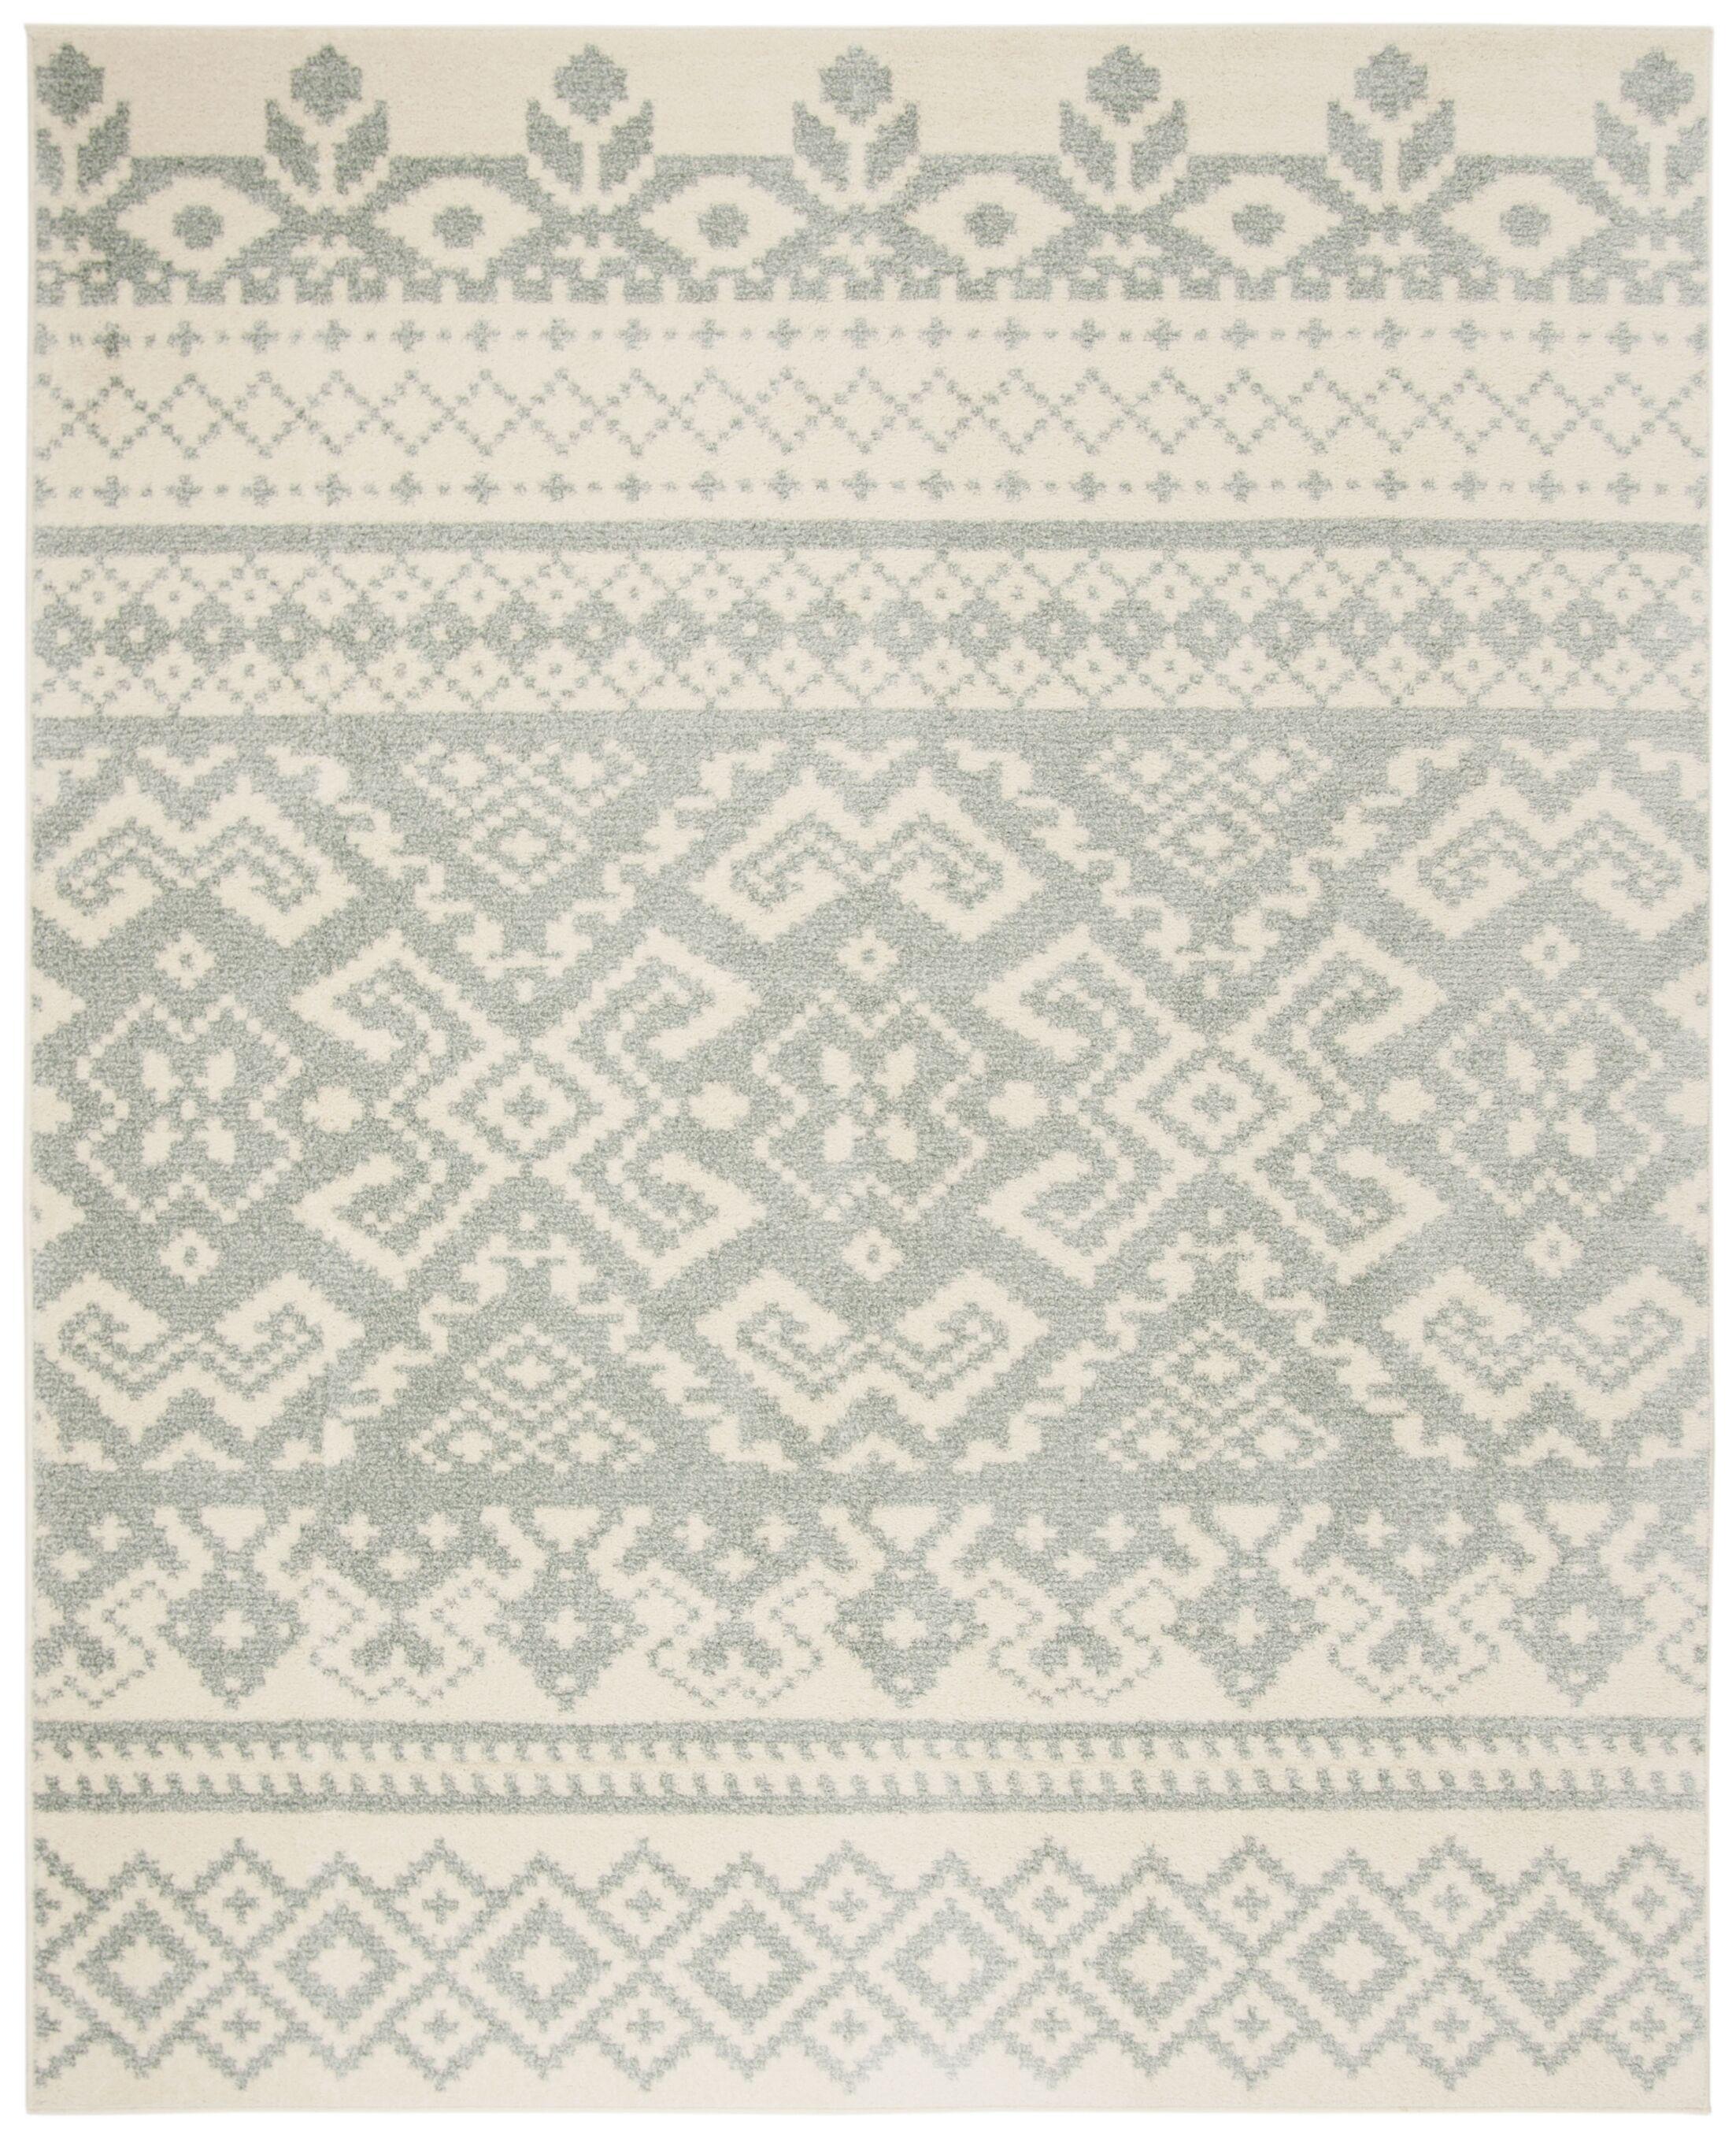 Cavileer Ivory/Slate Area Rug Rug Size: Rectangle 8' x 10'